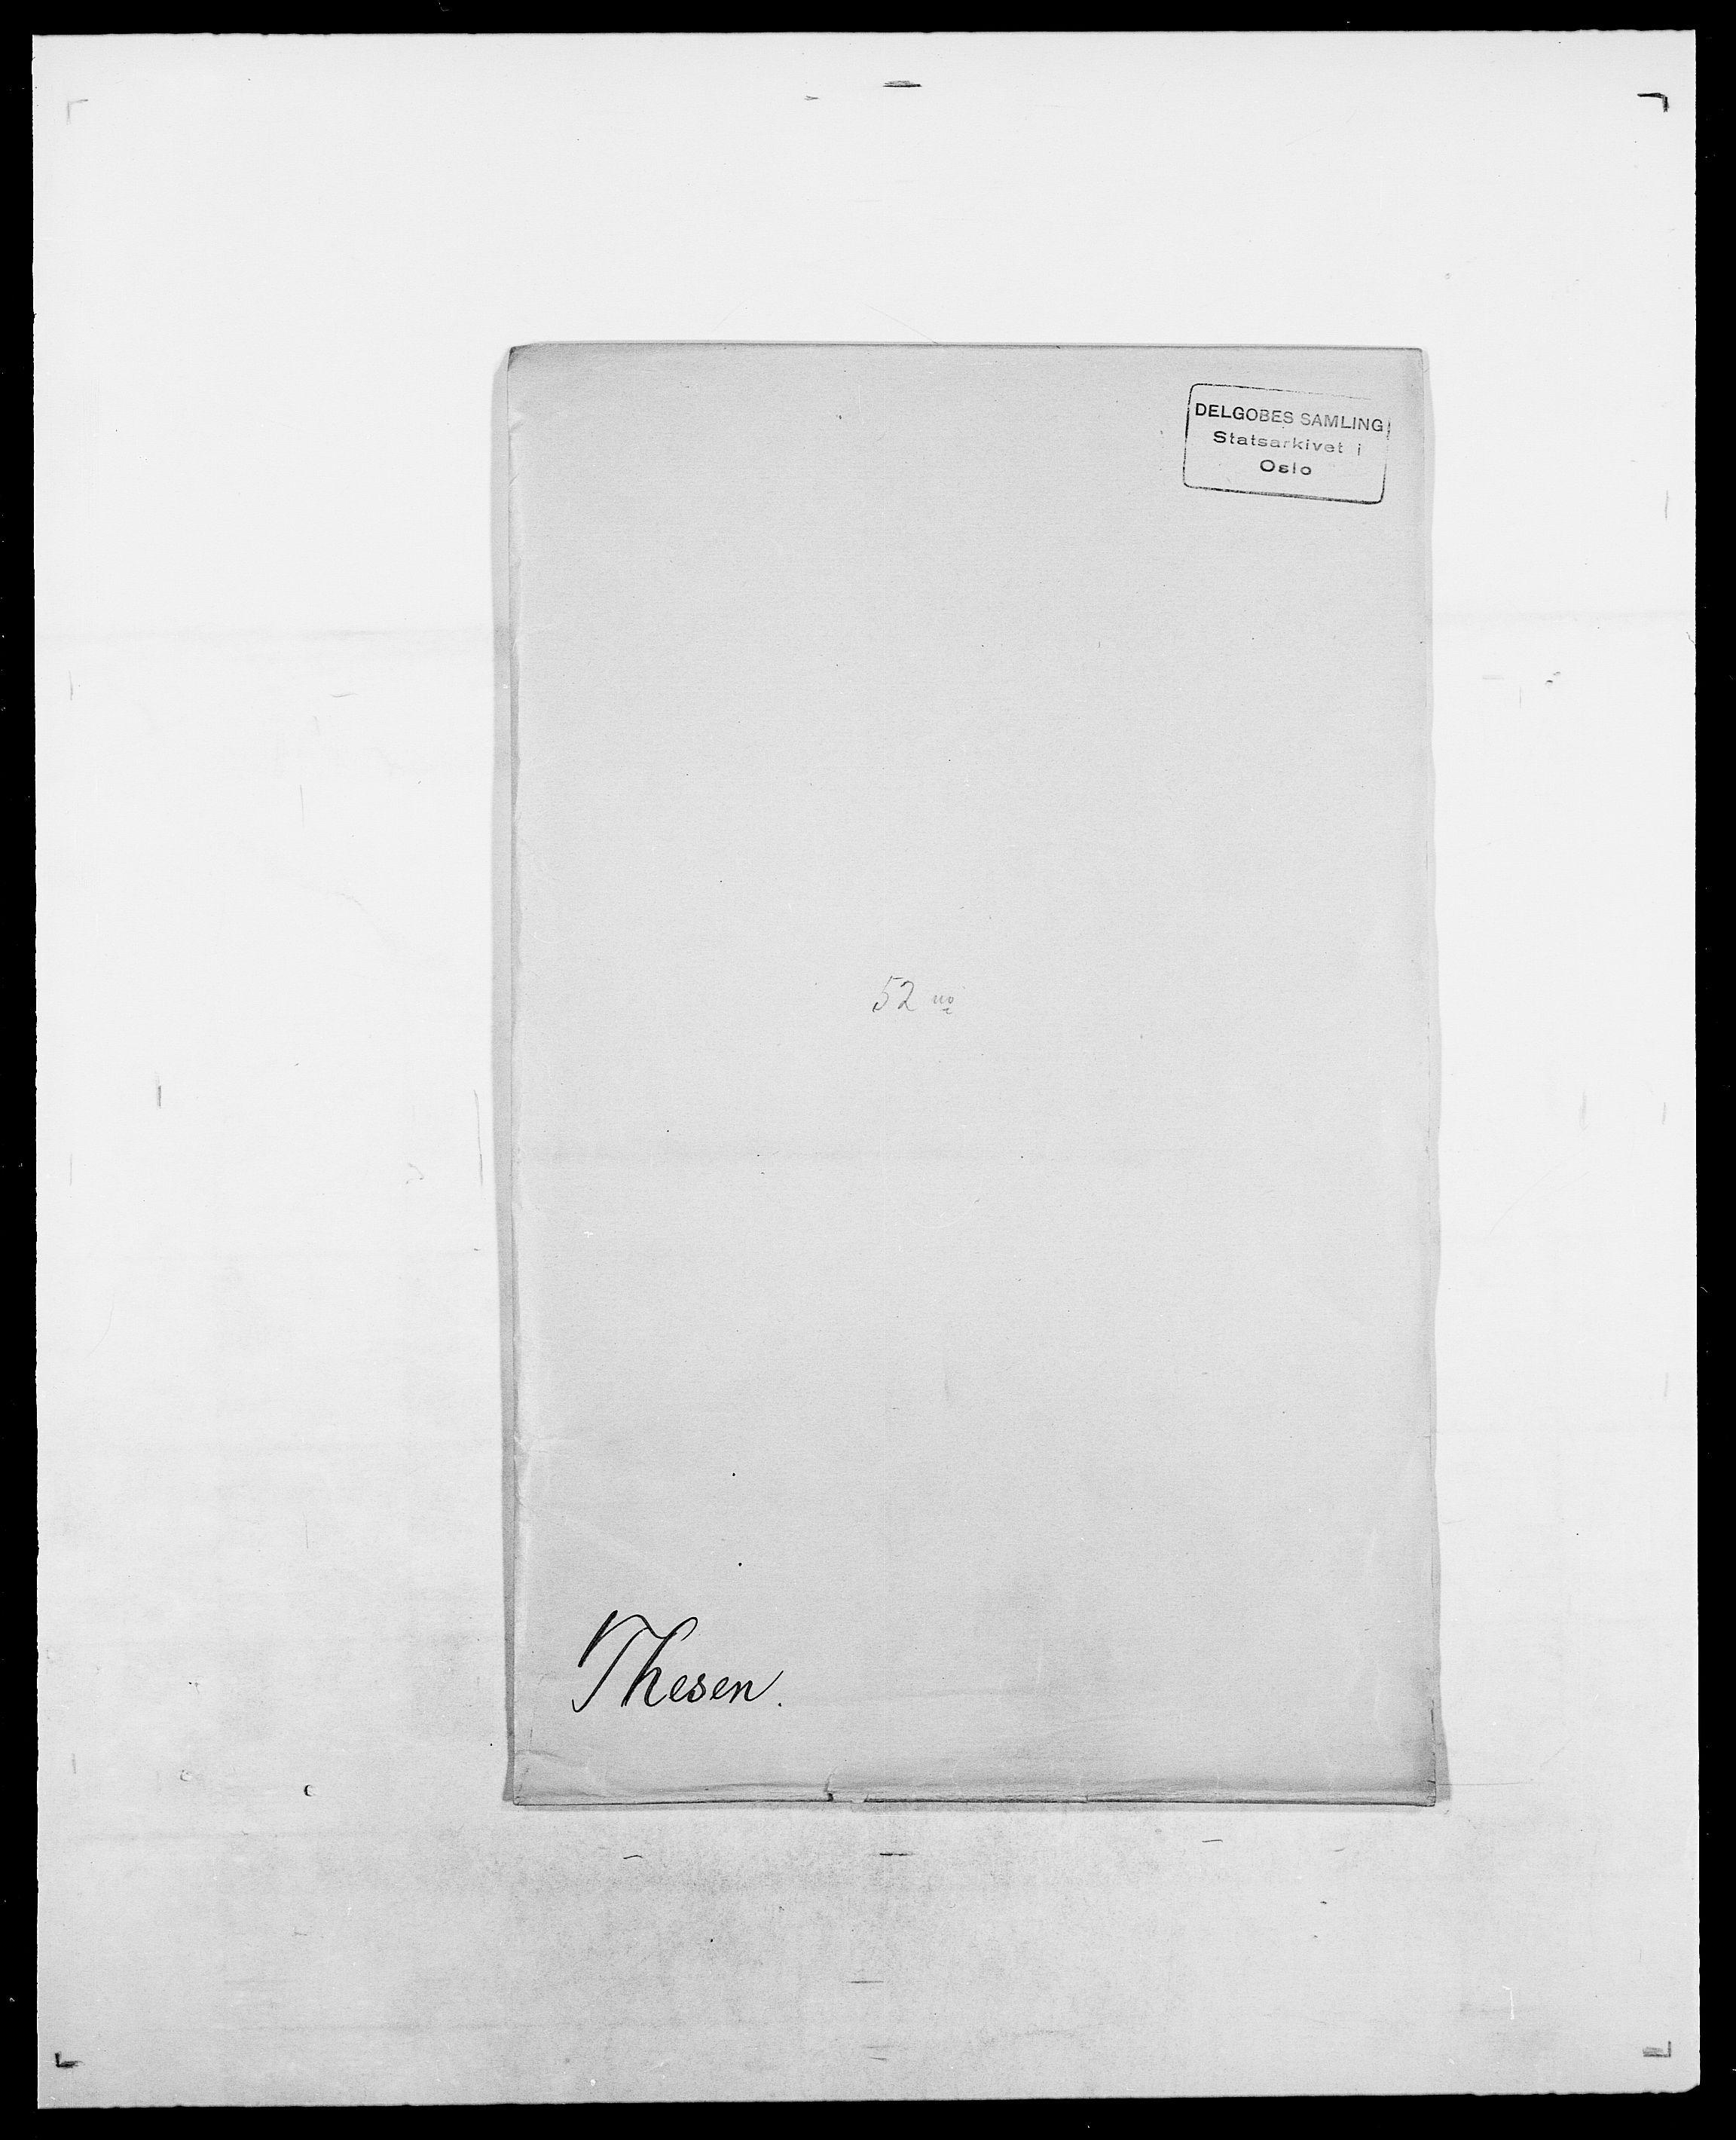 SAO, Delgobe, Charles Antoine - samling, D/Da/L0038: Svanenskjold - Thornsohn, s. 510